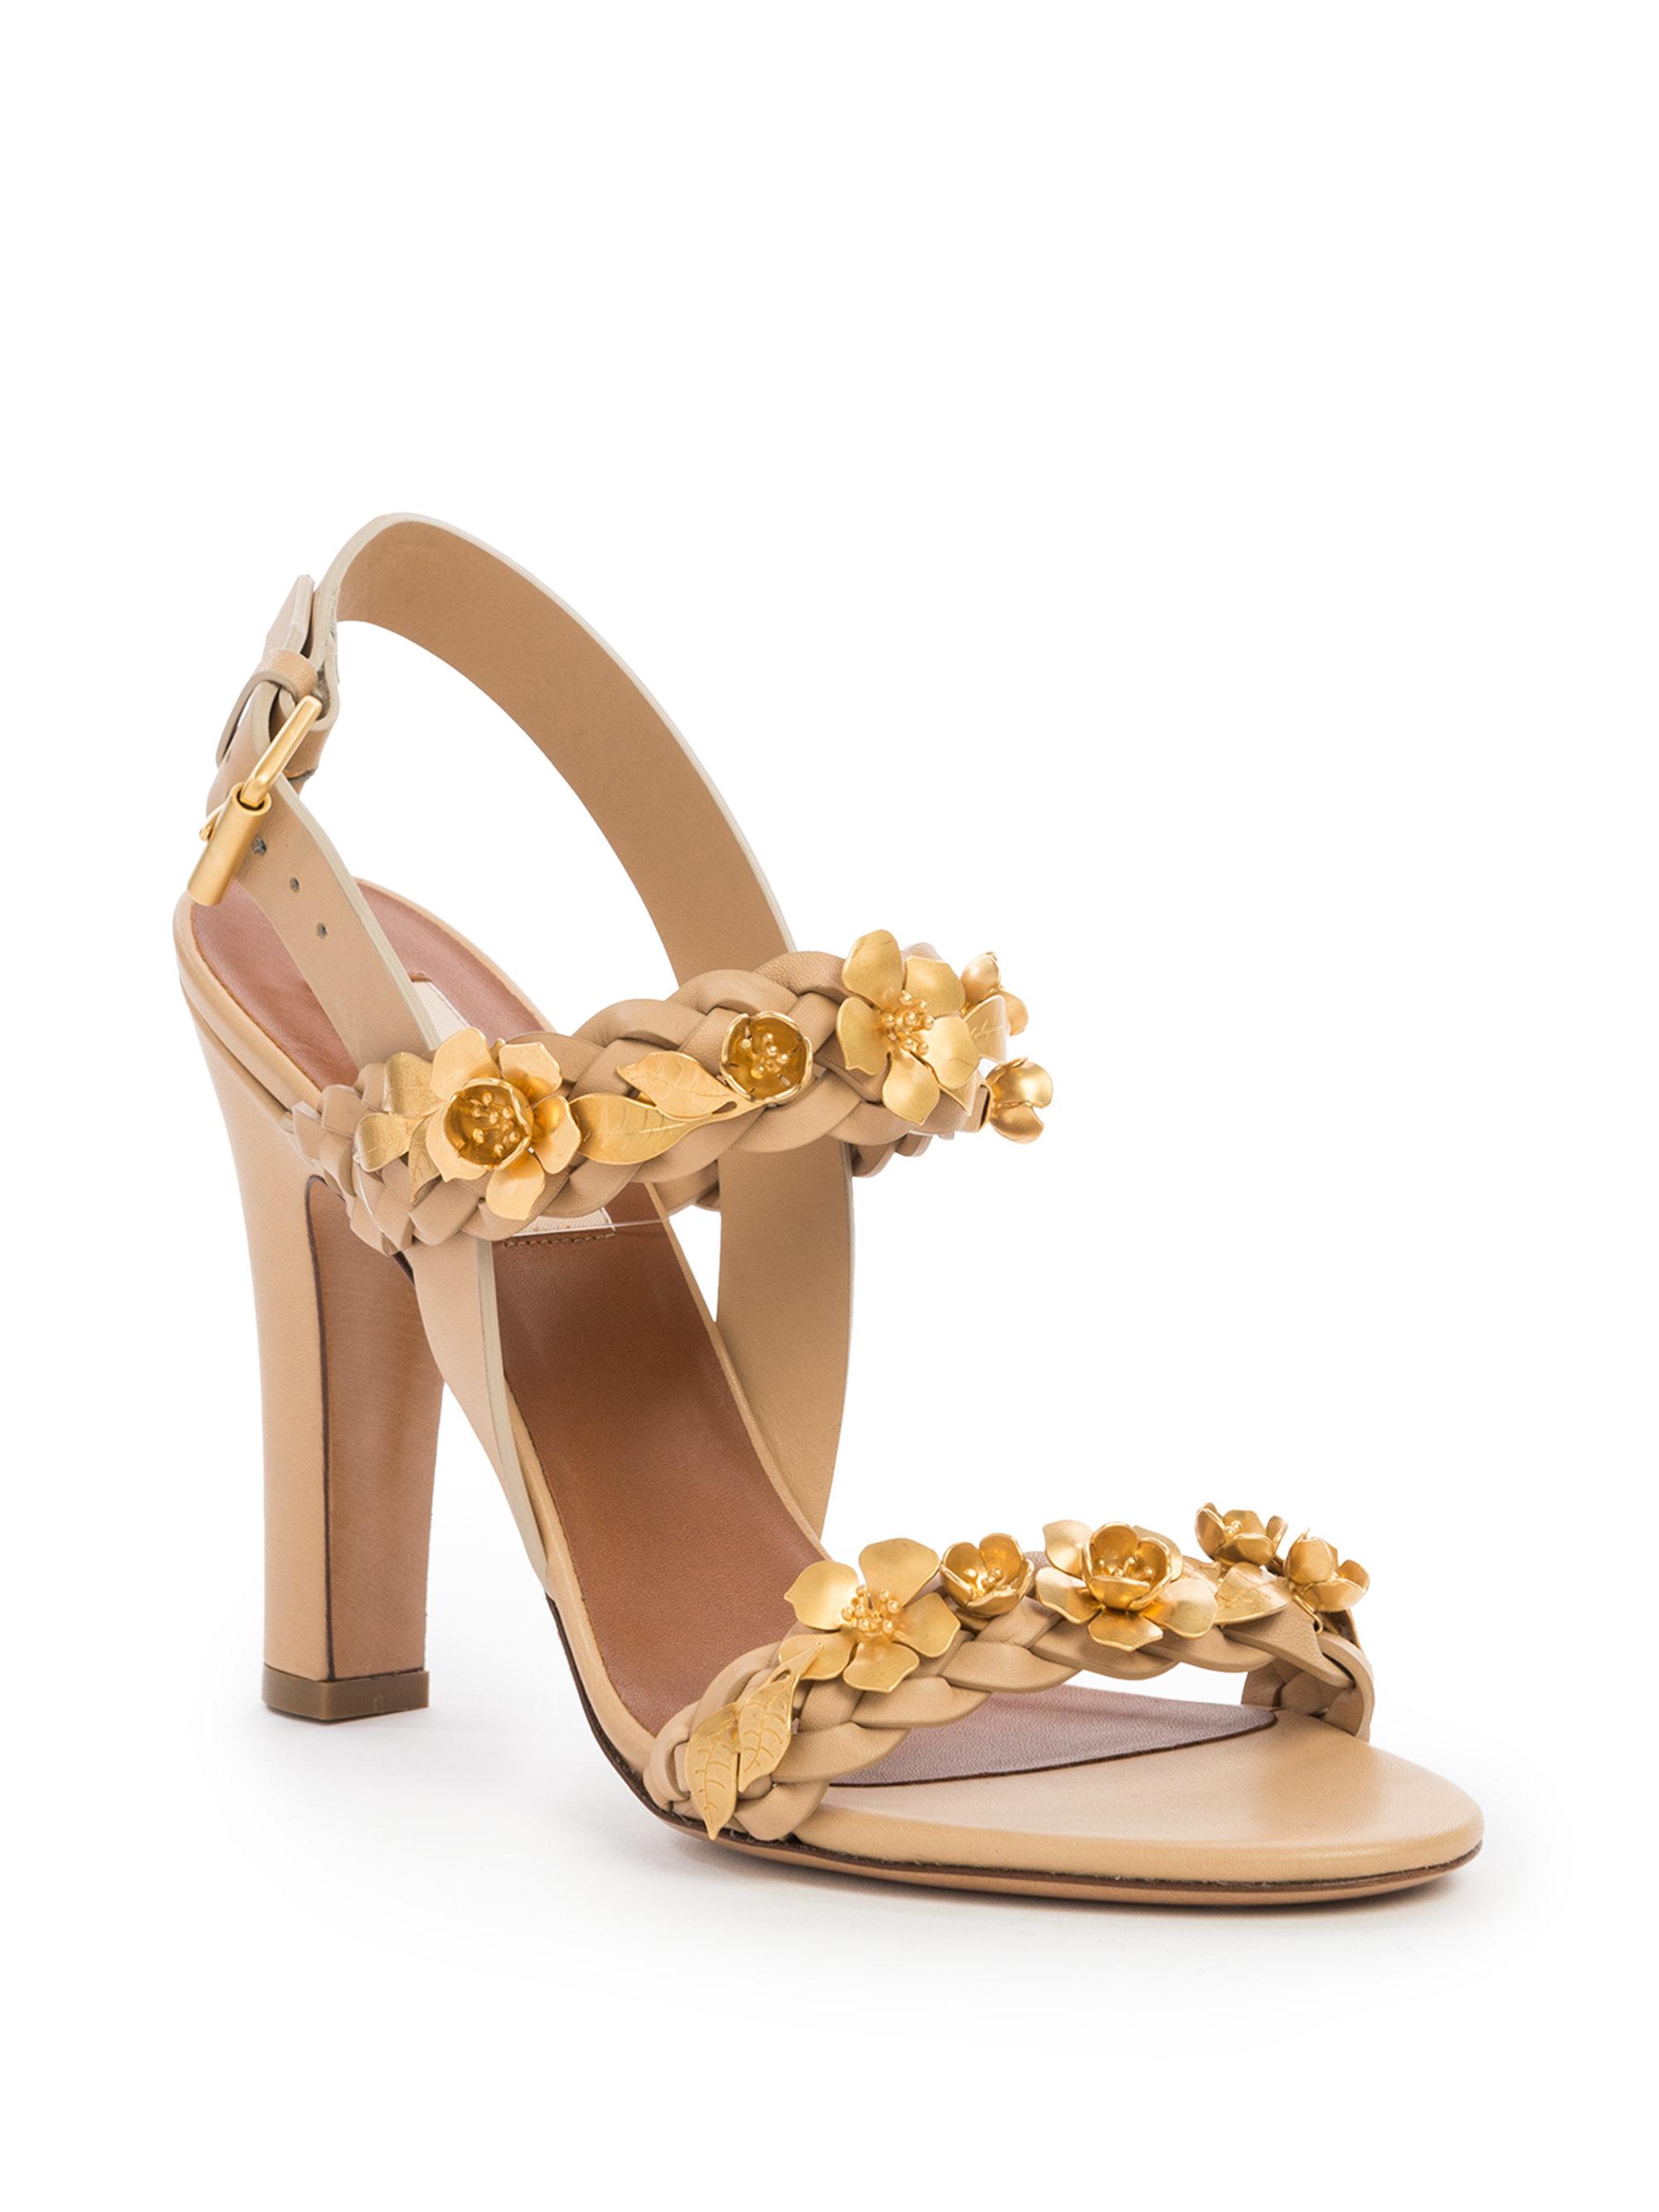 Valentino Braided Leather Sandals store cheap online PRw2DeQ